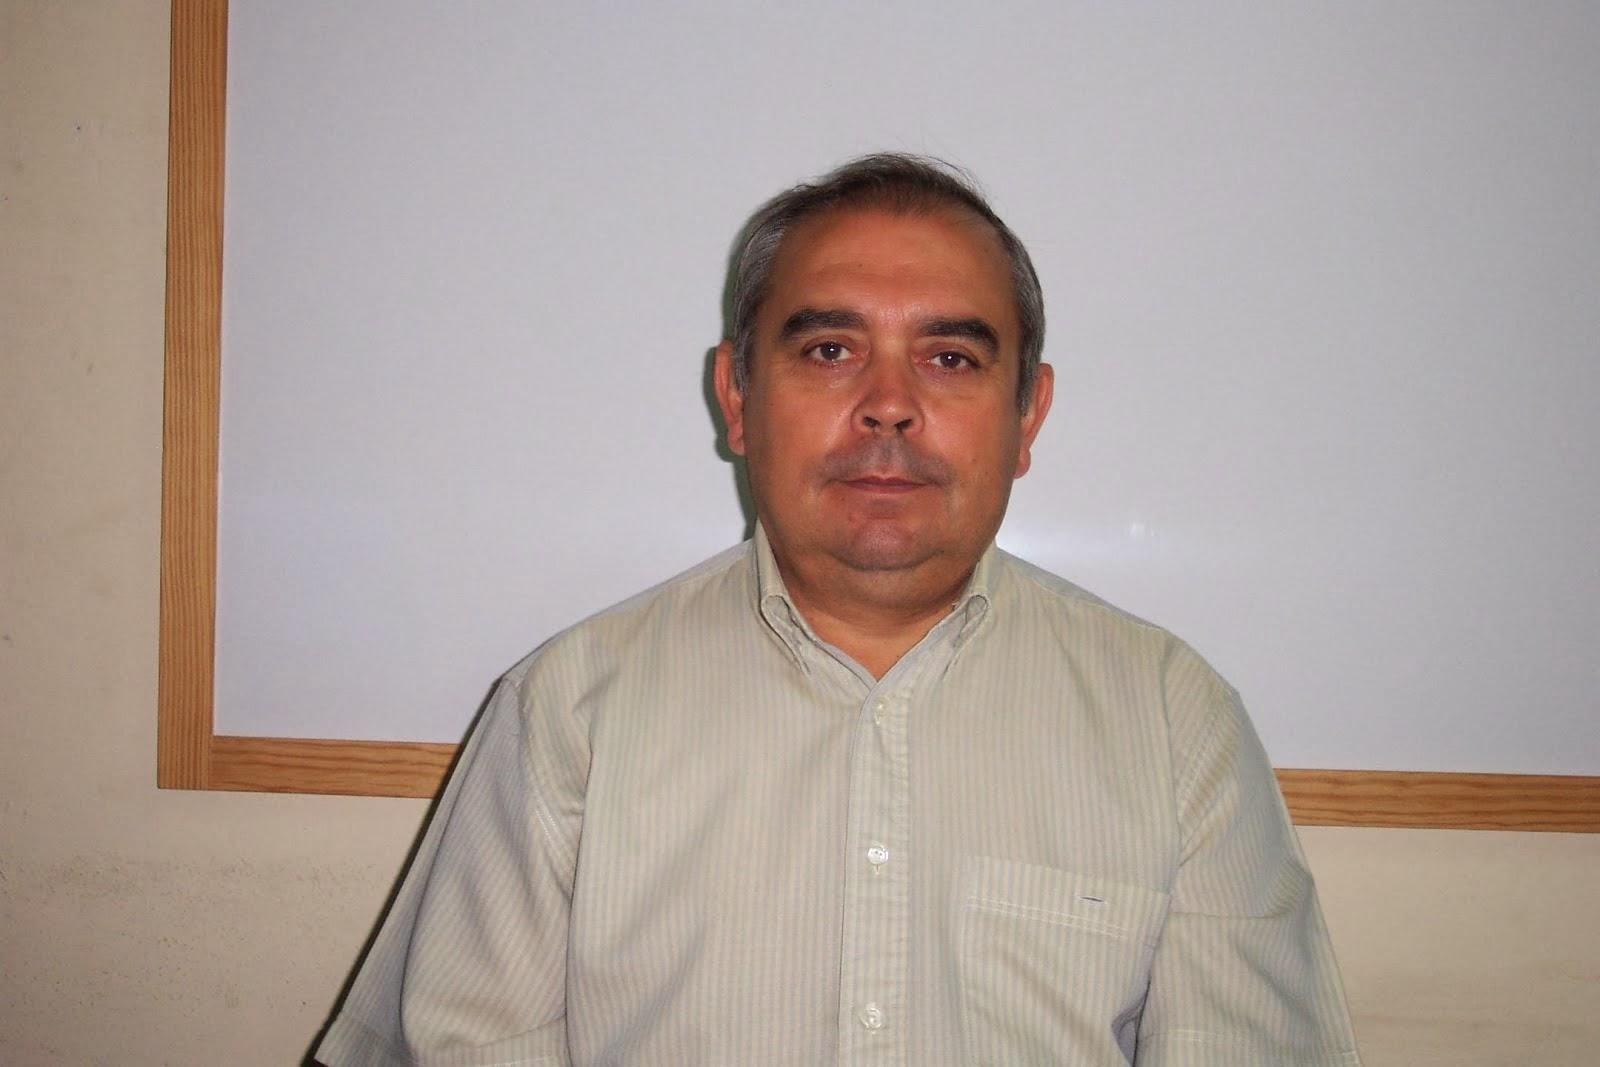 BAUTISTA GUTIÉRREZ, Francisco